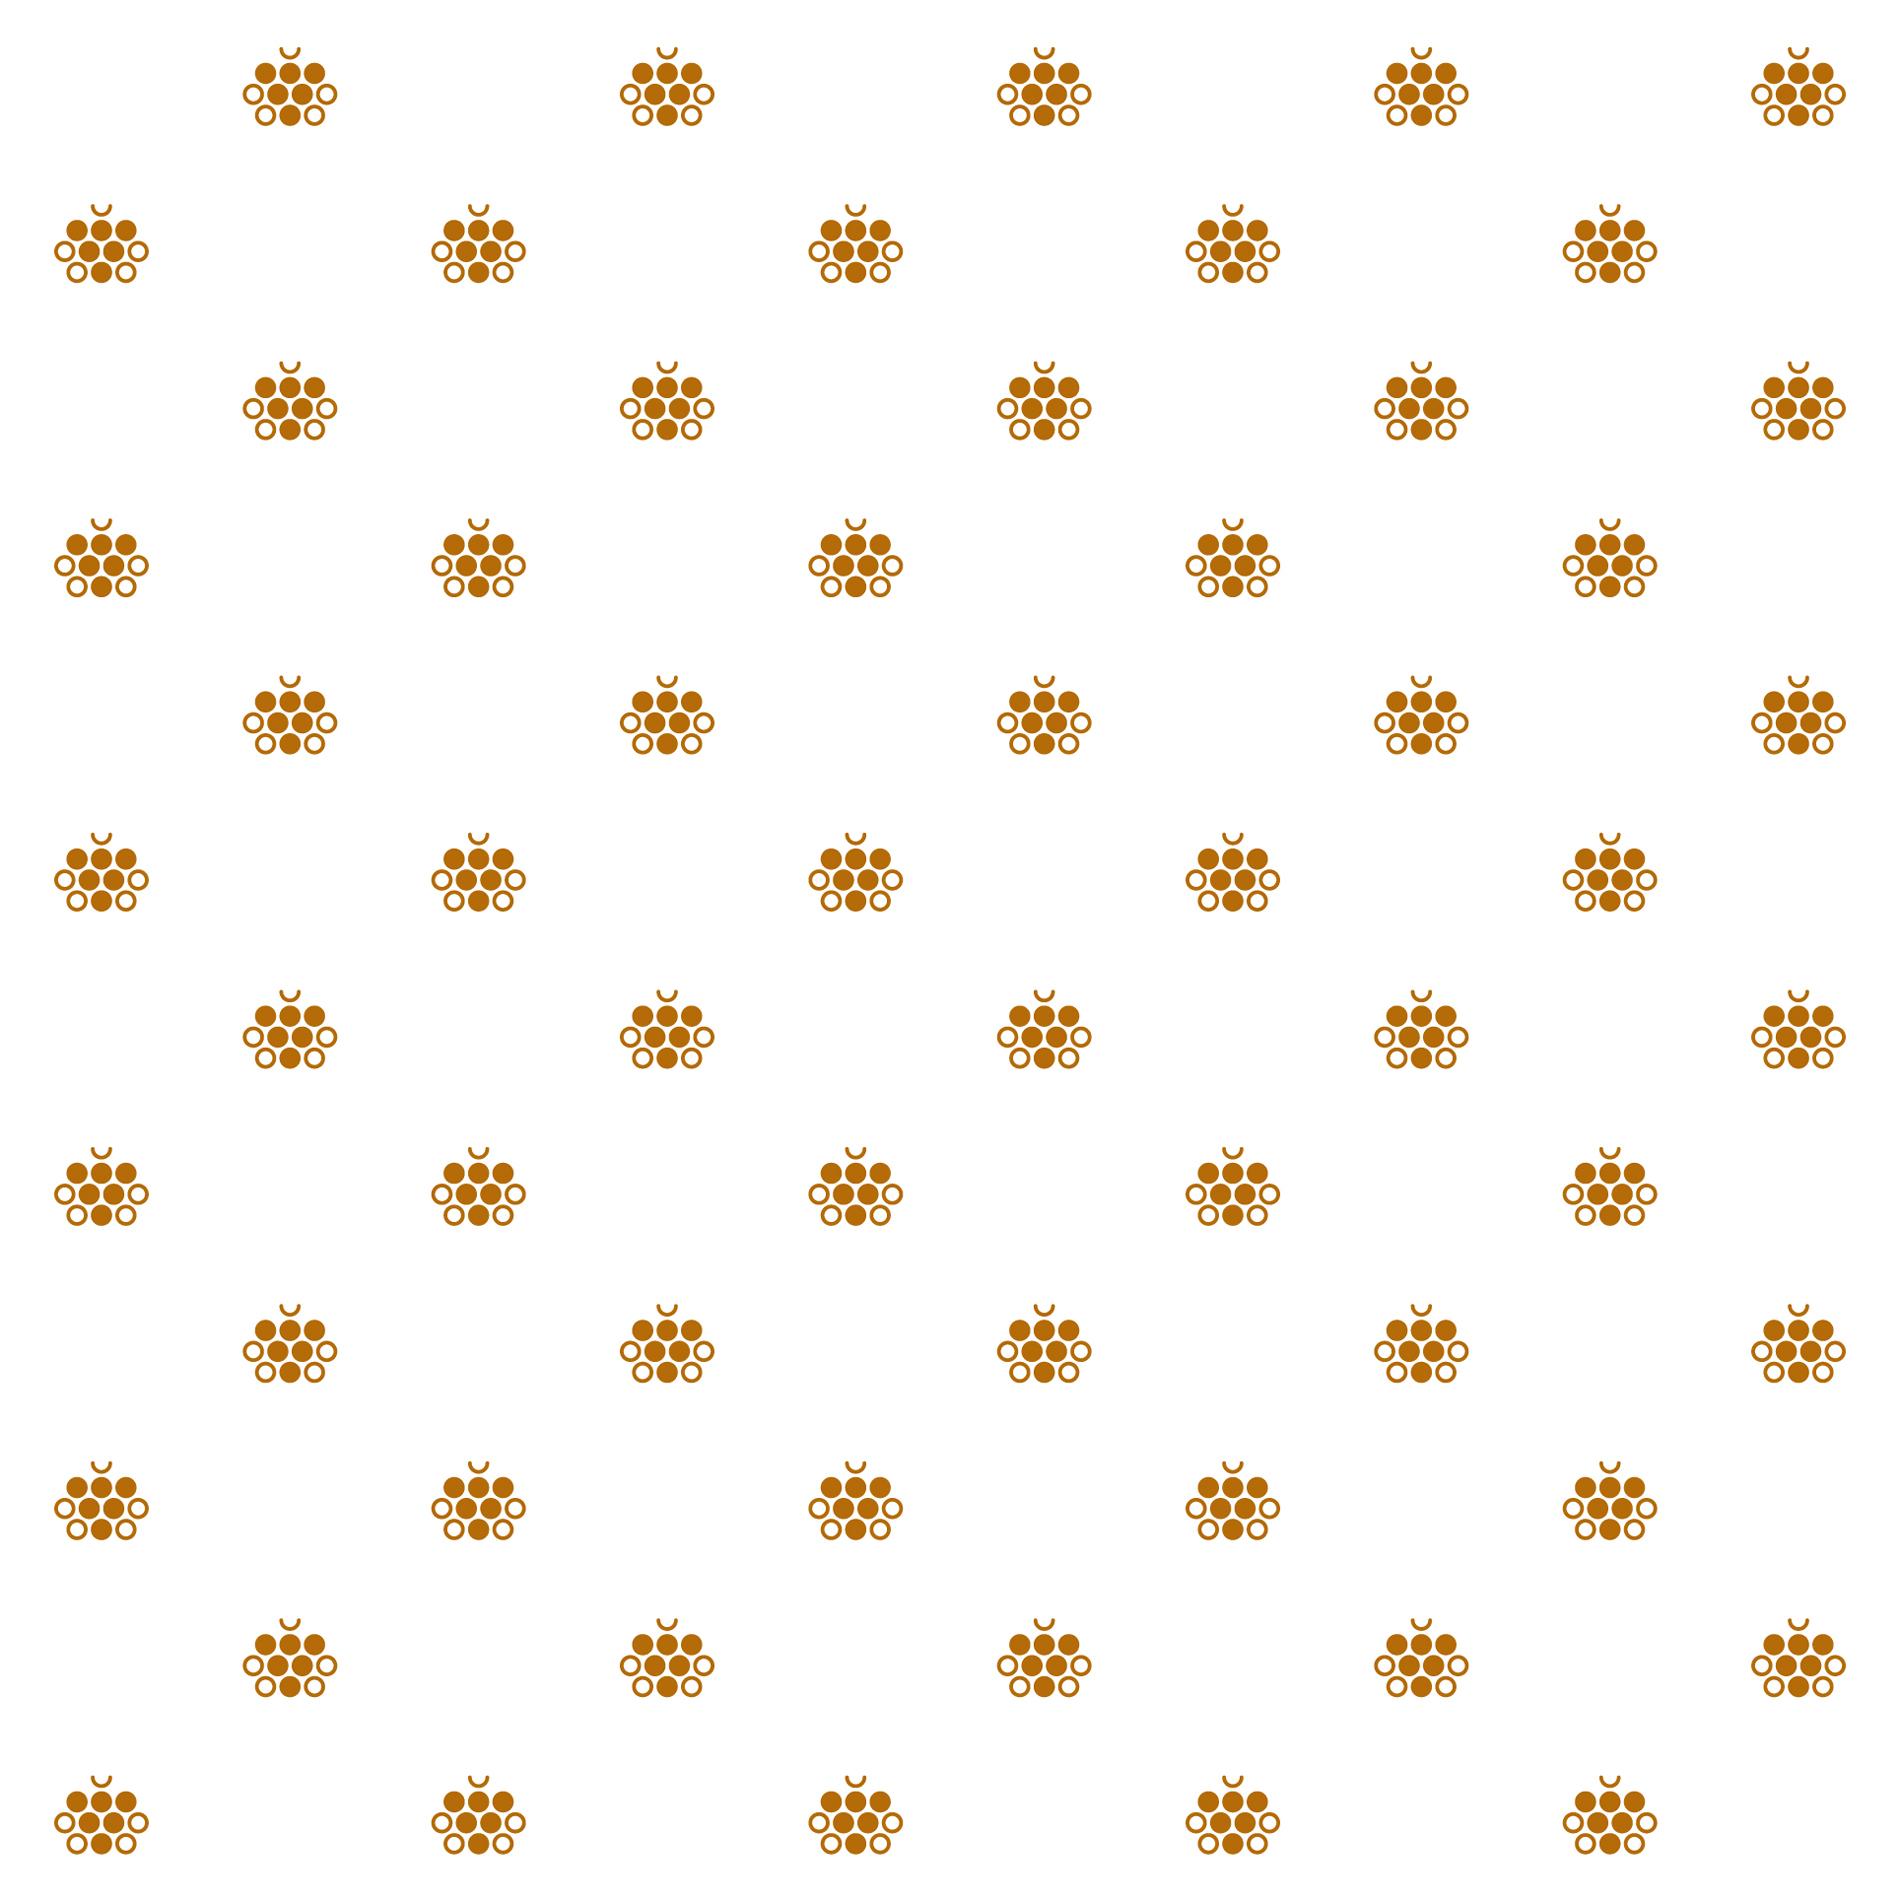 koyuki-farm-vi-pattern